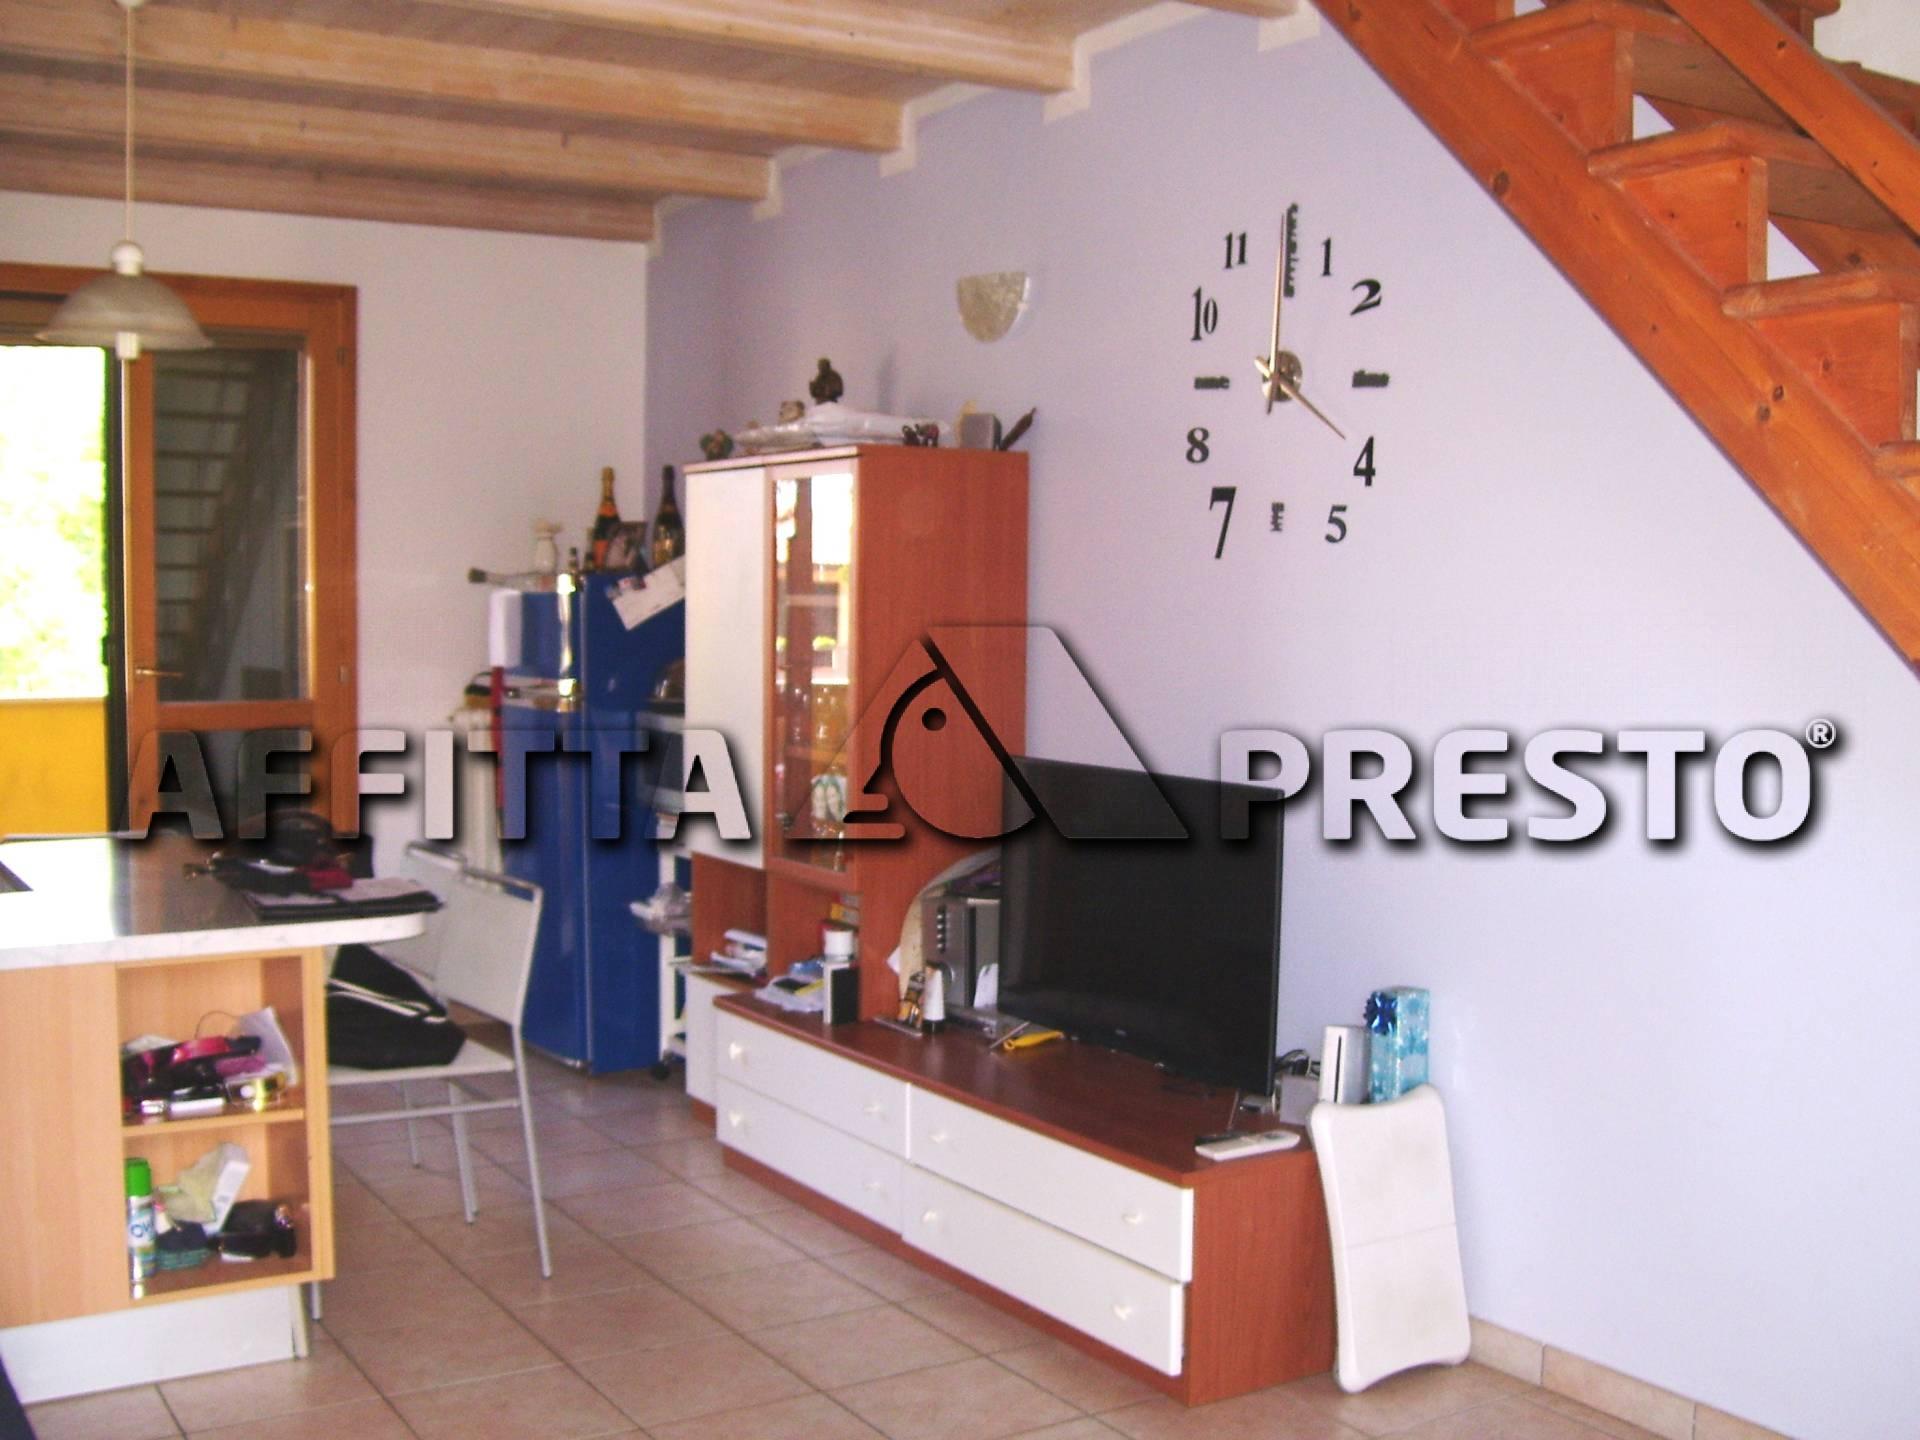 Appartamento in affitto a Ravenna, 2 locali, zona Località: Classe, prezzo € 550 | CambioCasa.it